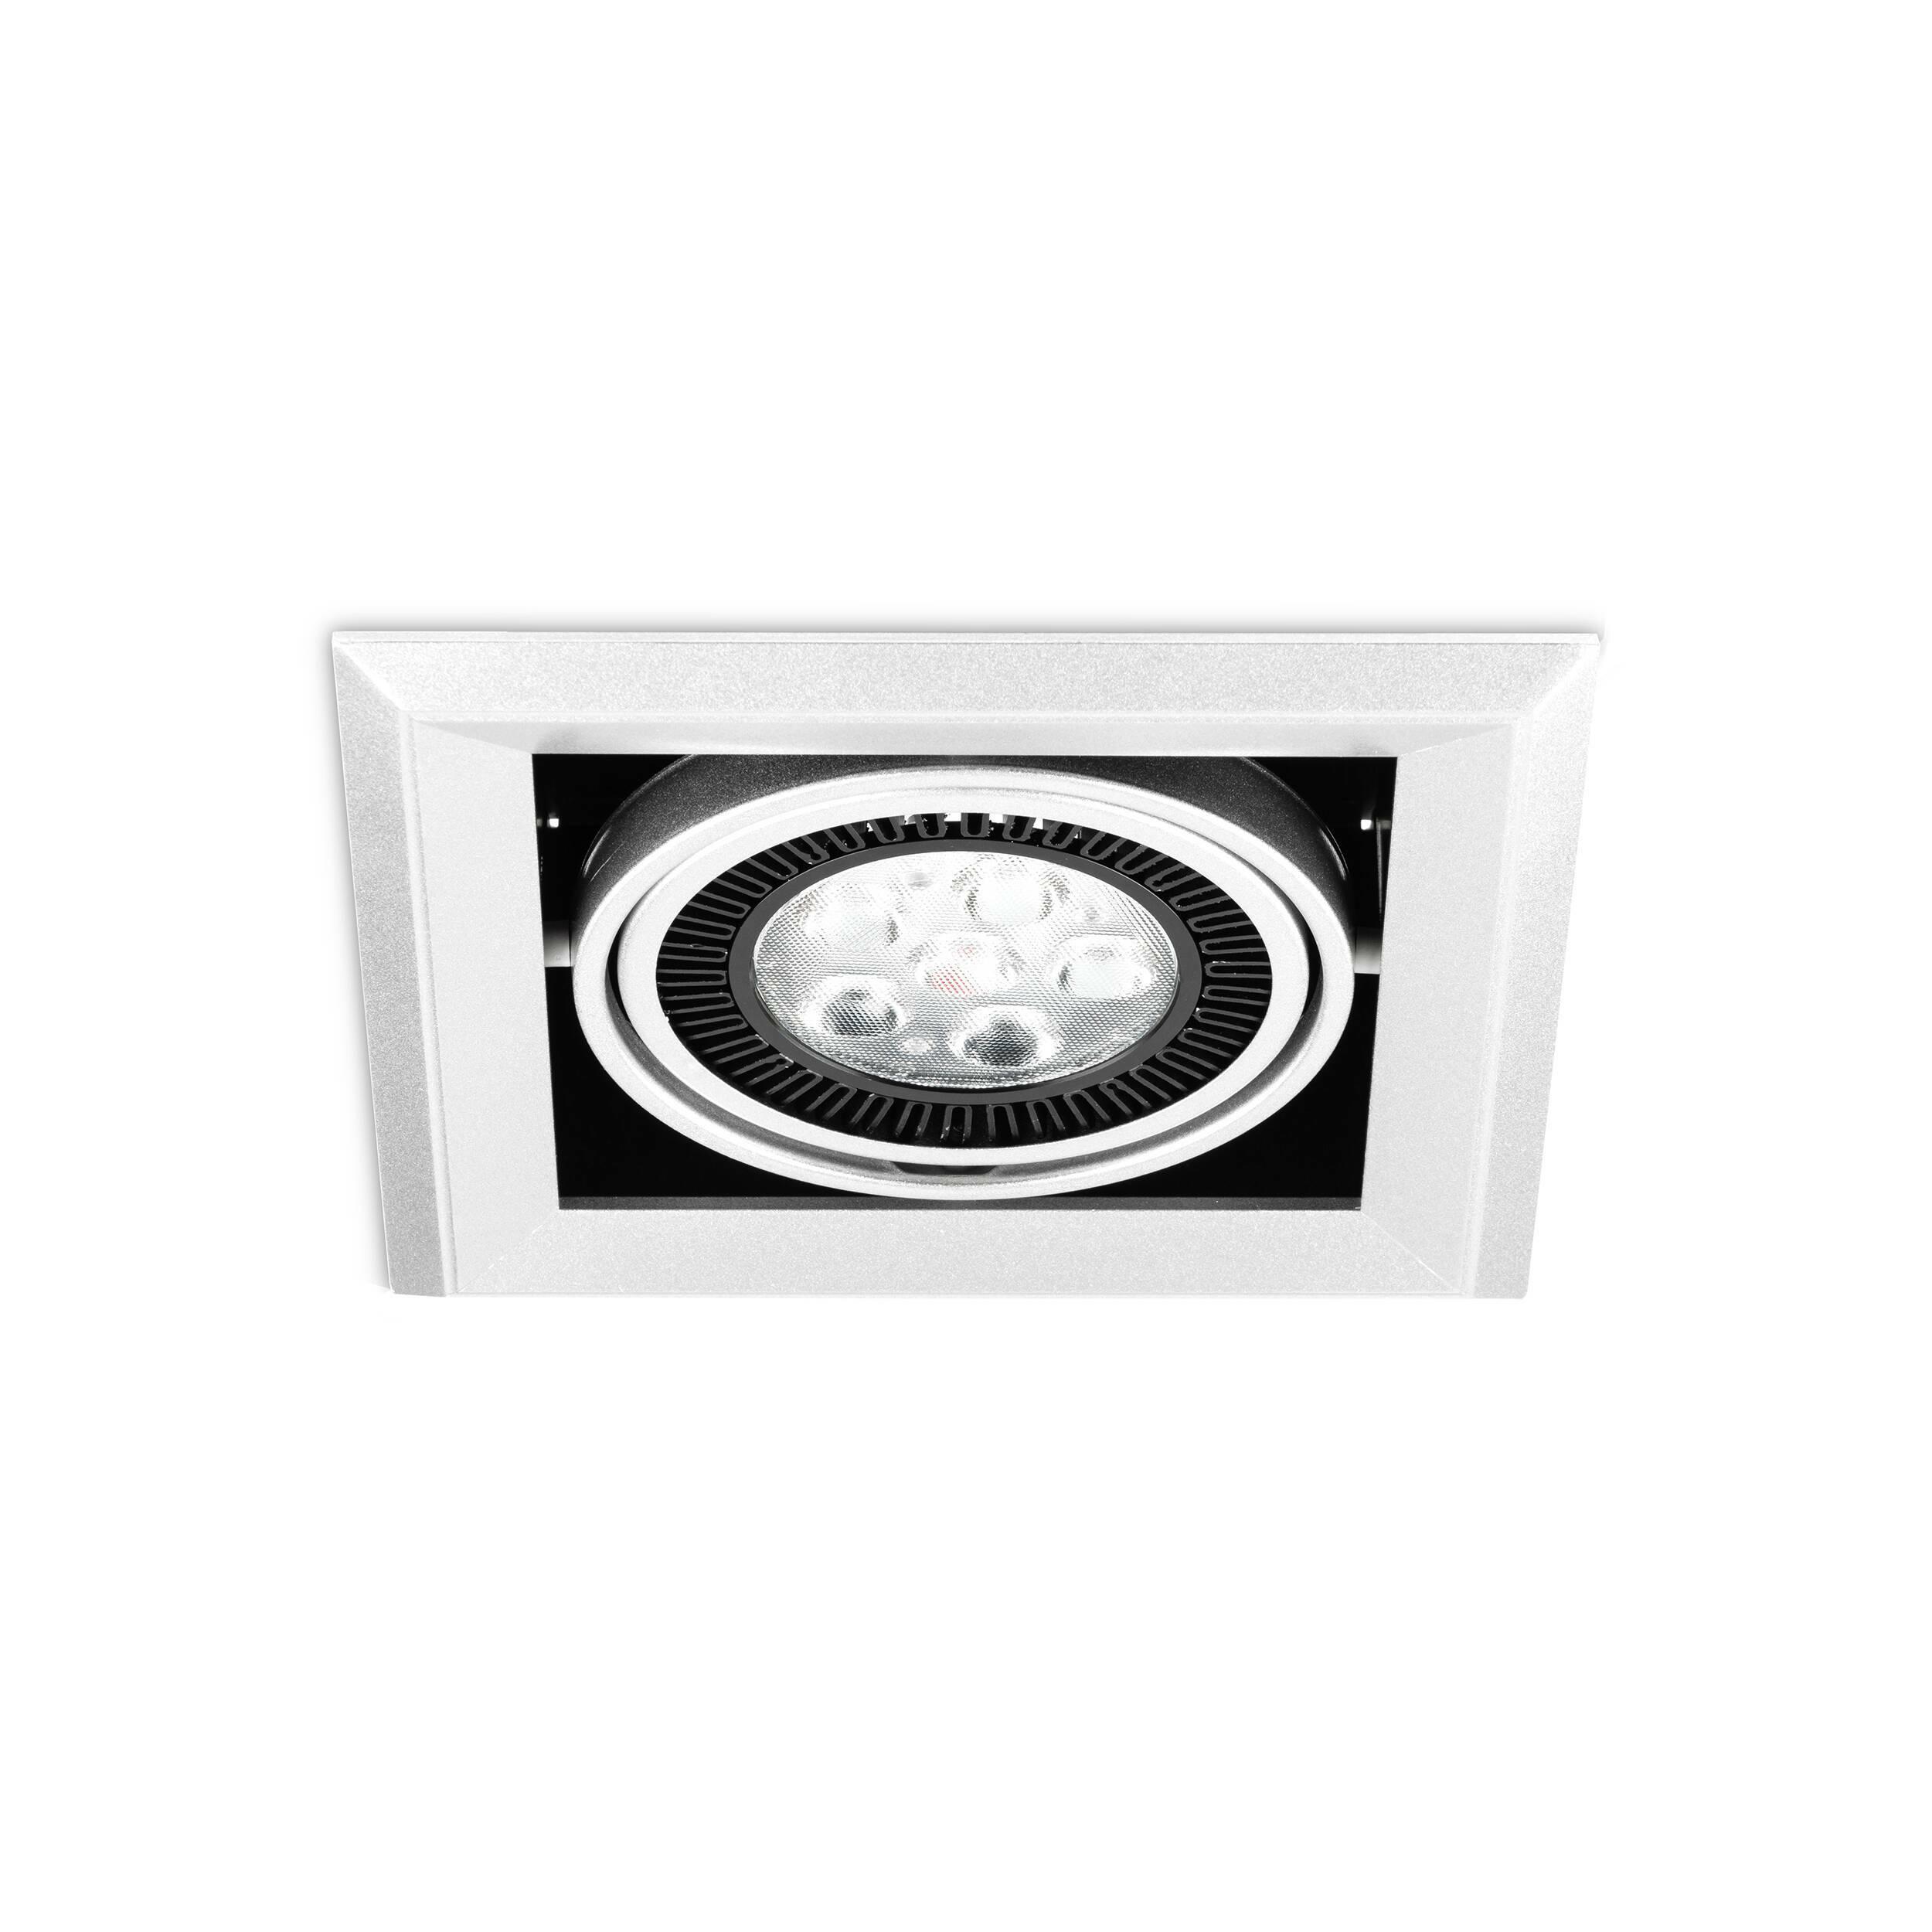 Встраиваемый светильник Cosmo 15579224 от Cosmorelax